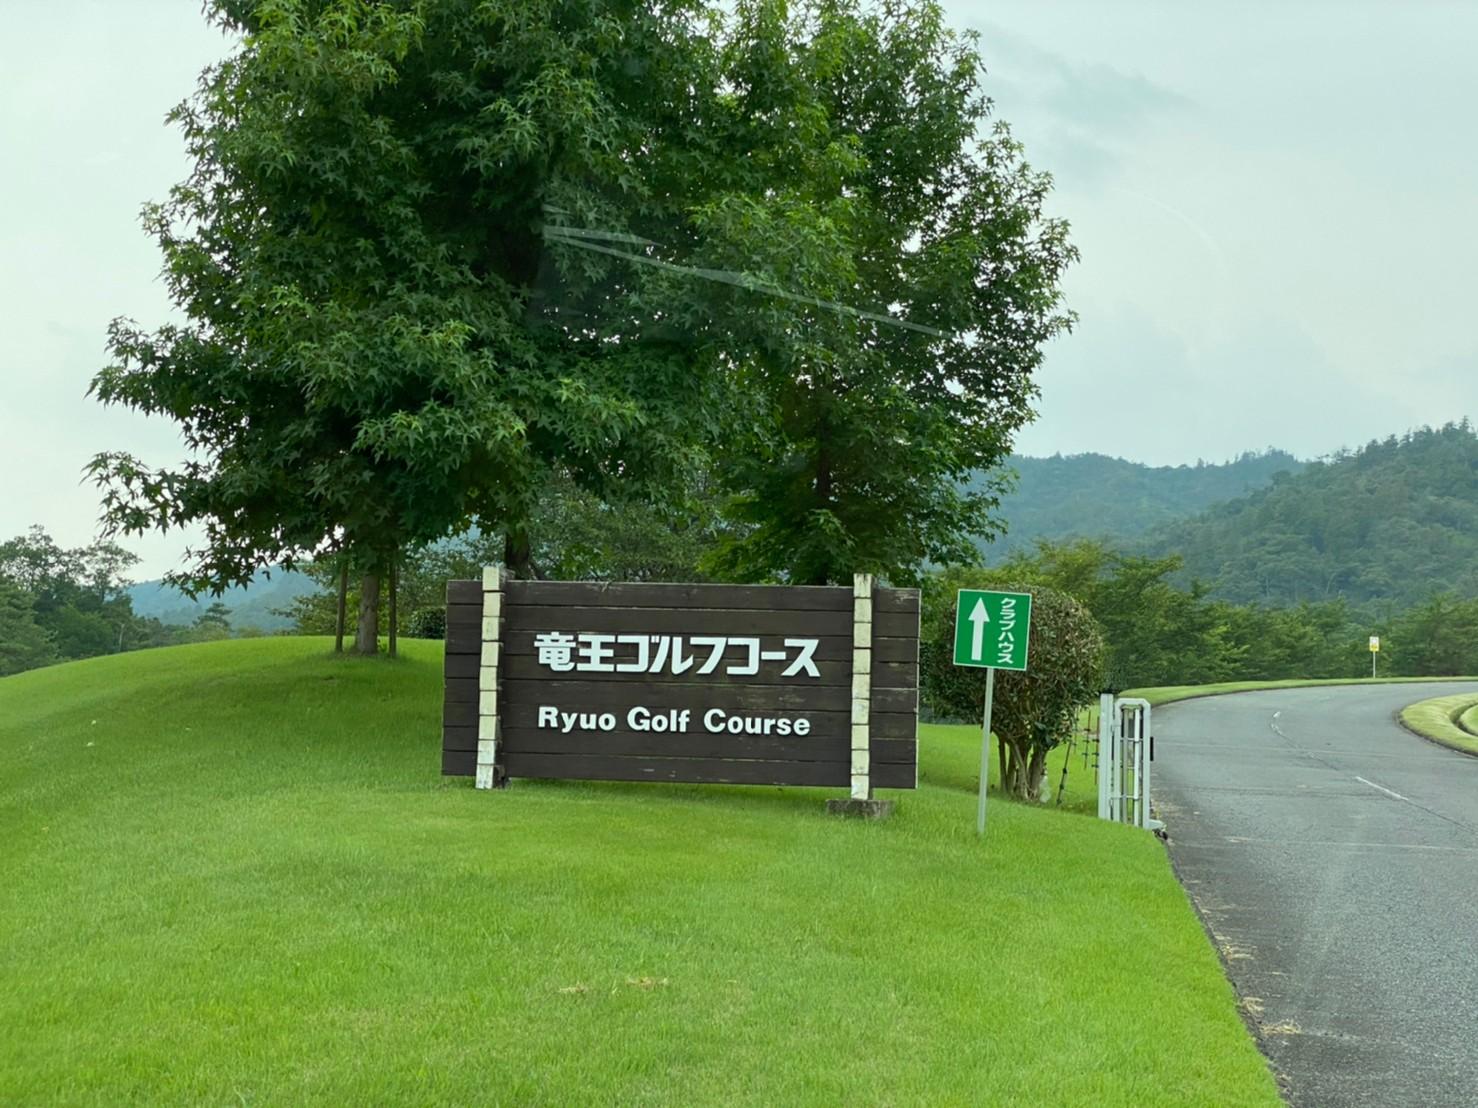 【蒲生郡竜王町】『竜王ゴルフコース』情報まとめ(アクセス・駐車場)